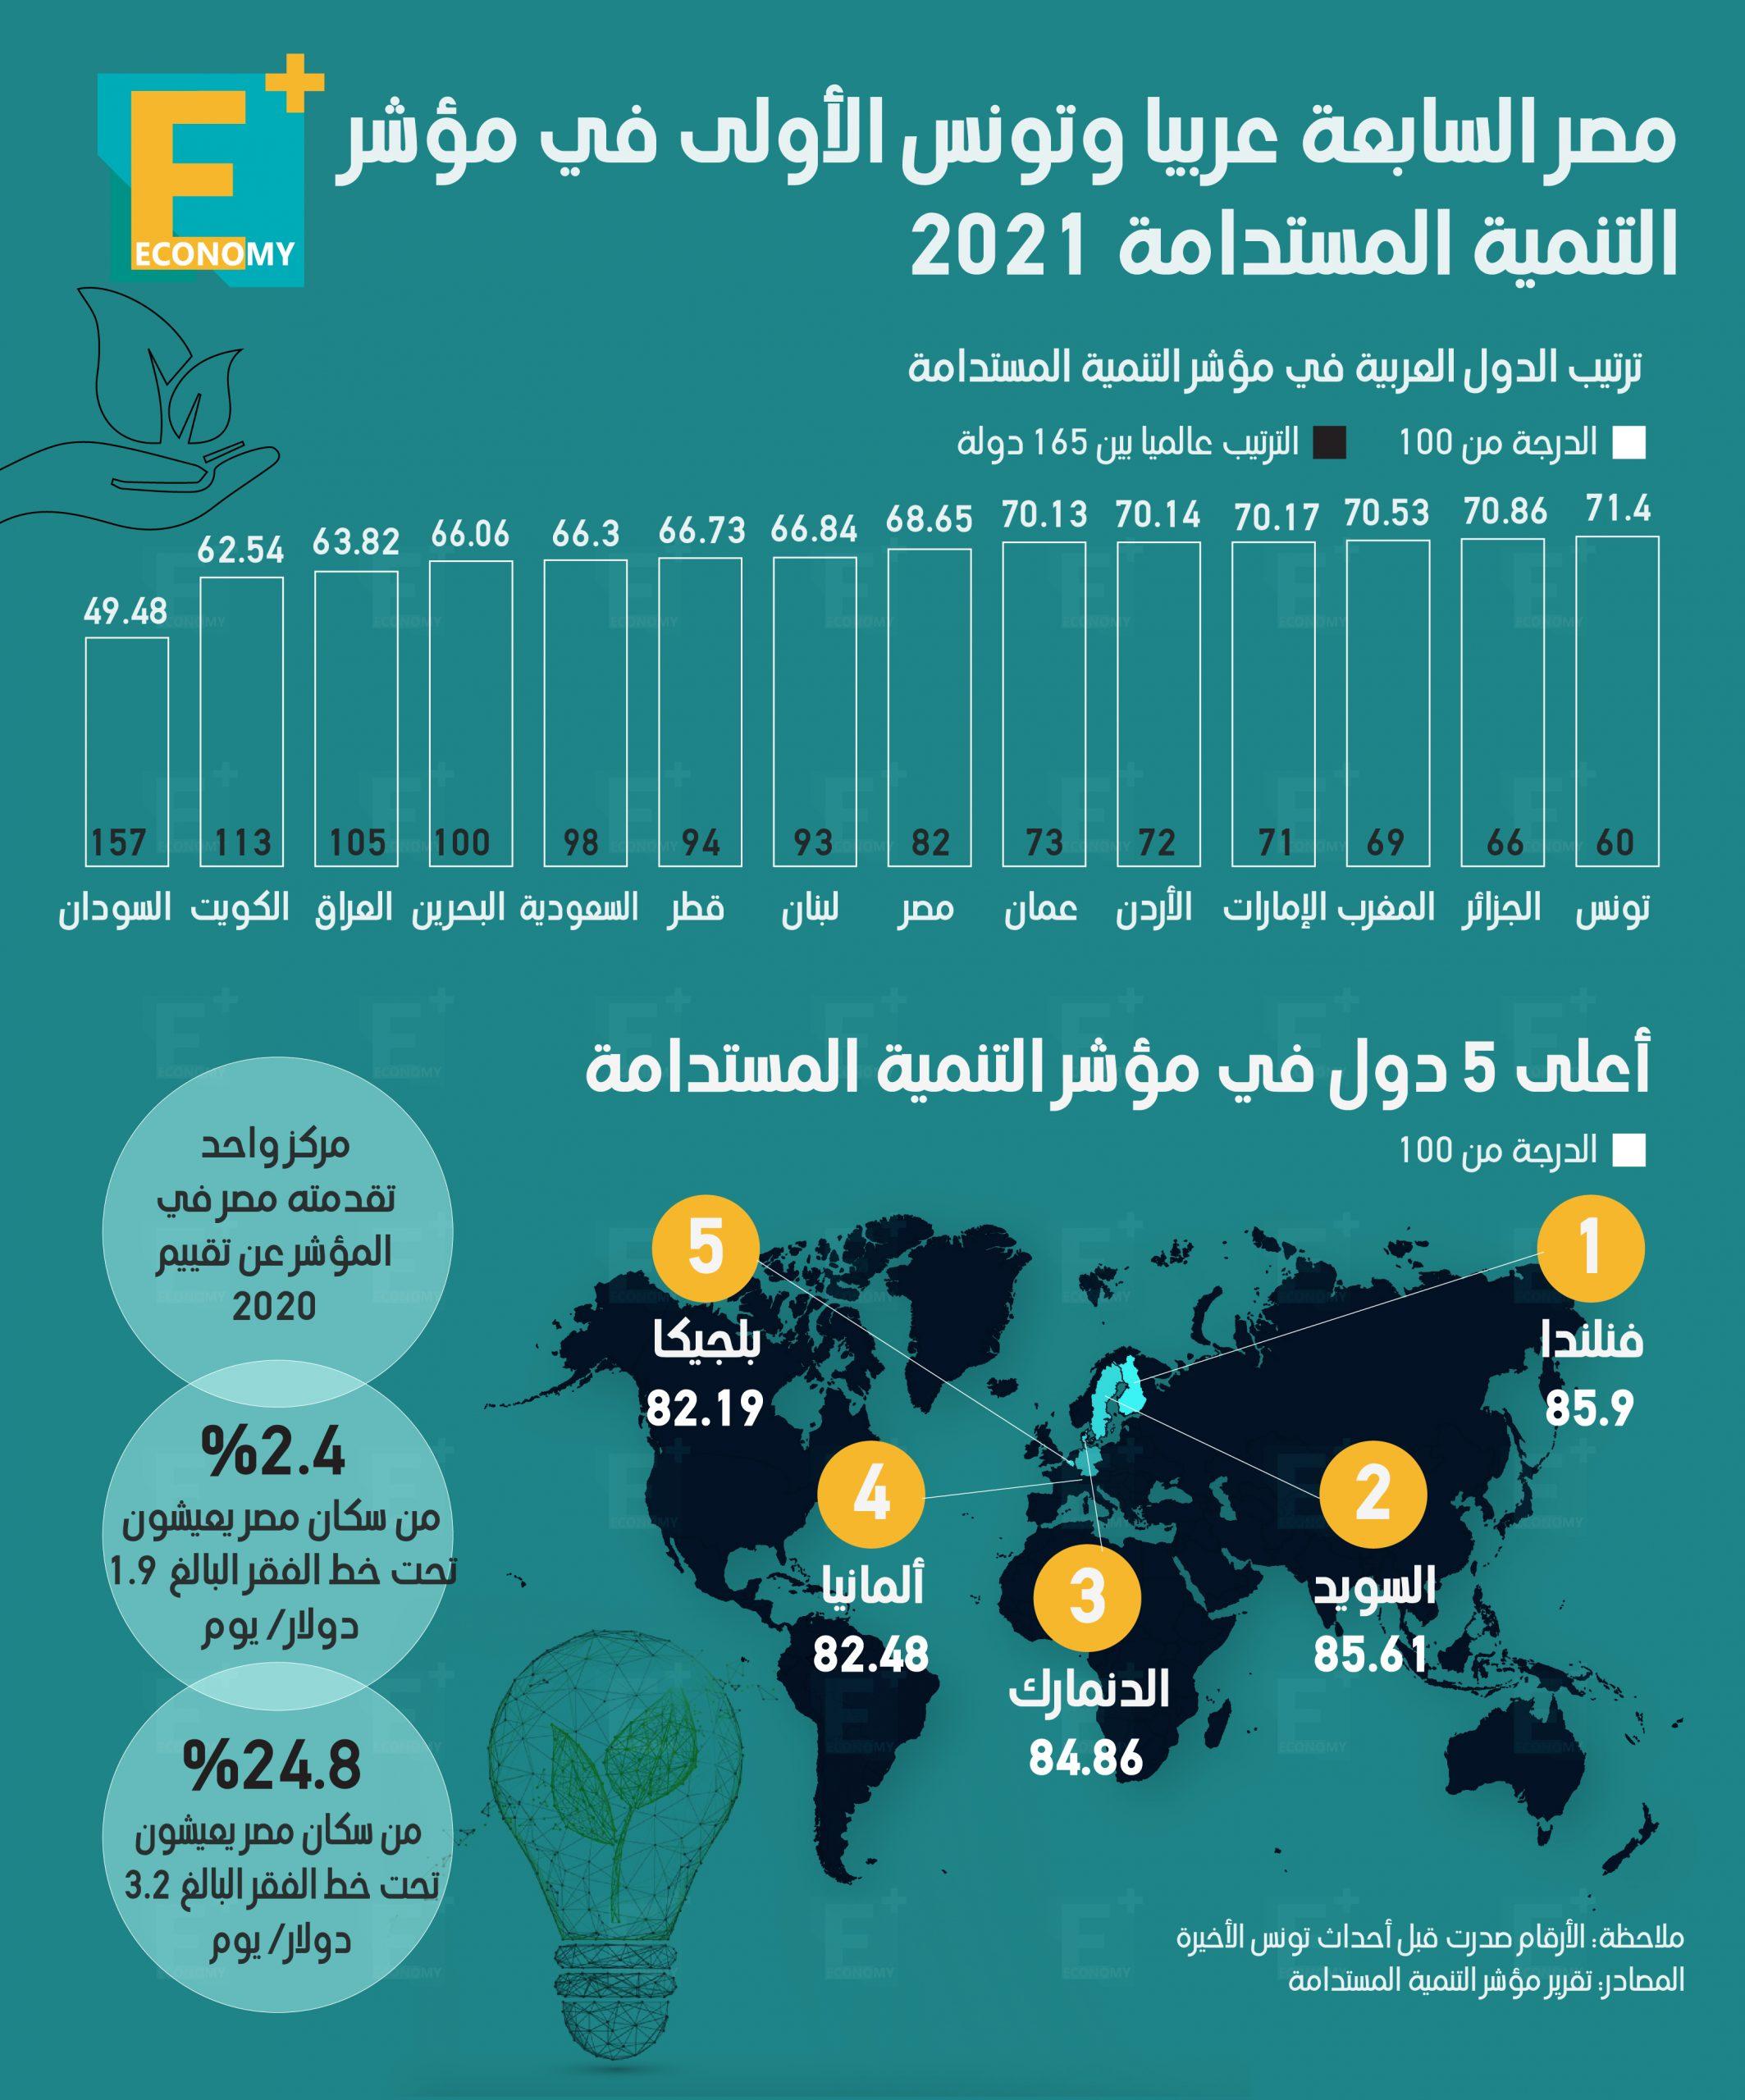 مصر السابعة عربيًا وتونس الأولى في مؤشر التنمية المستدامة 2021